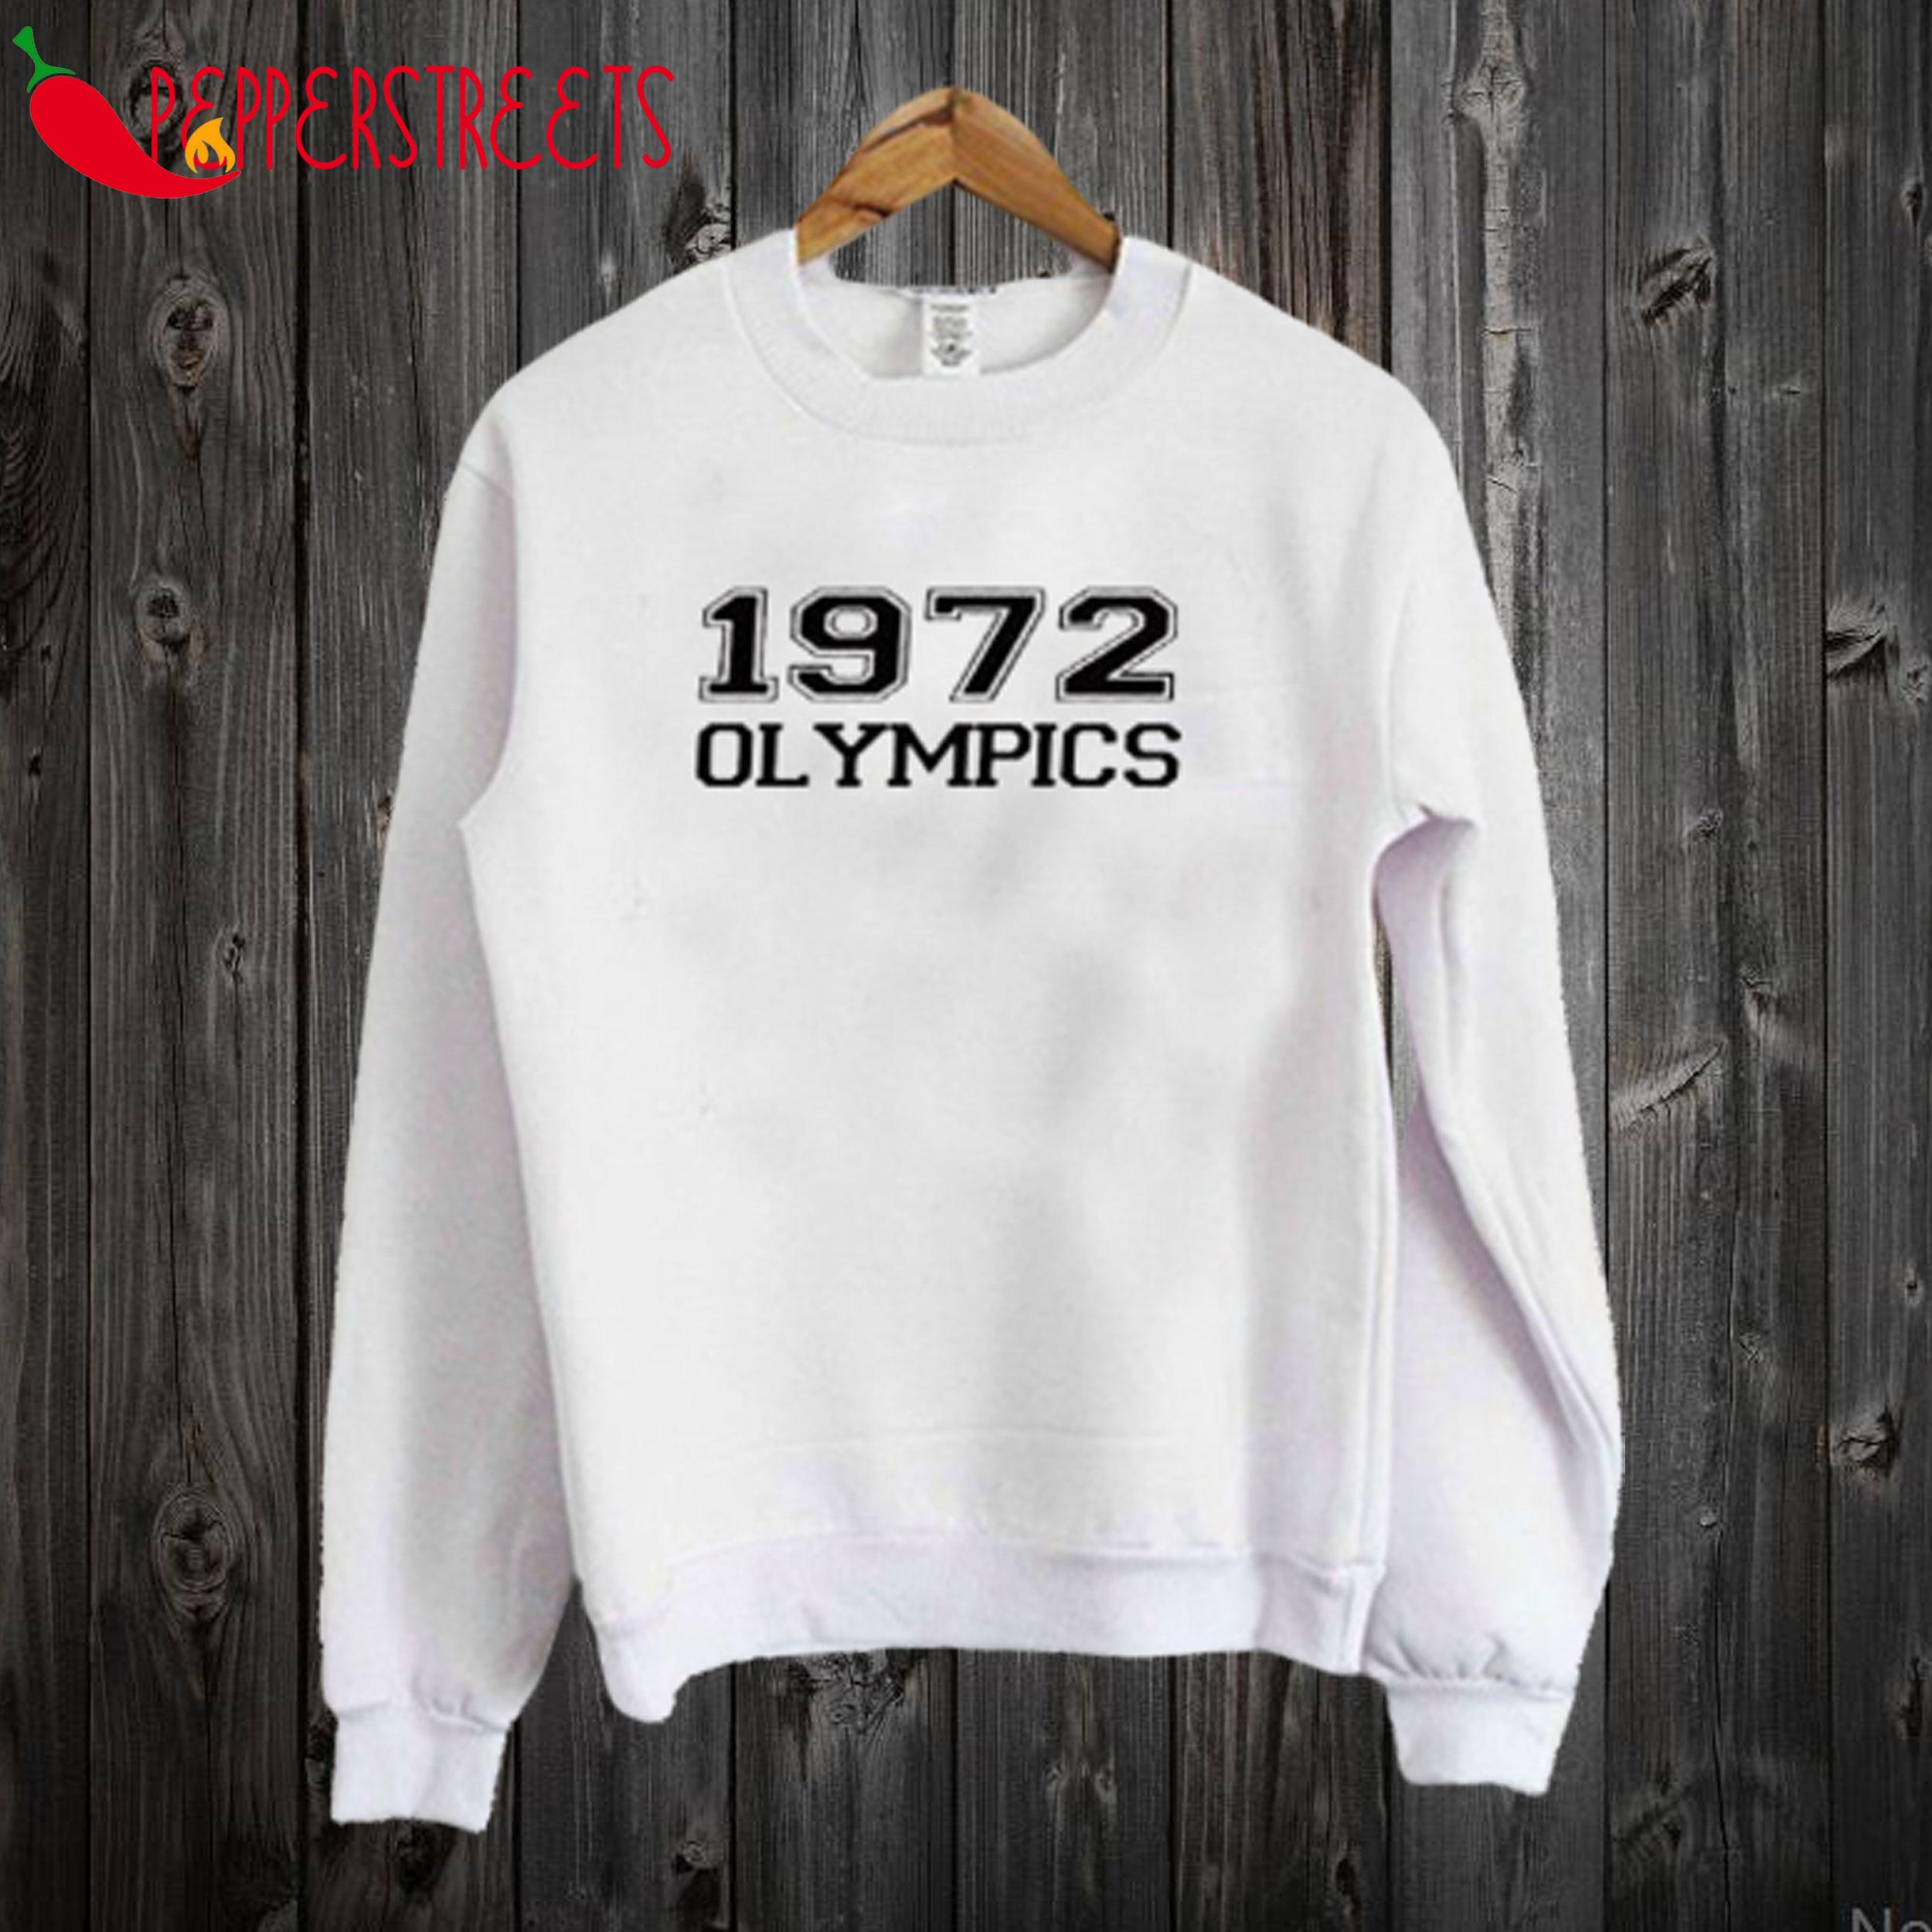 1972 Olympics Sweatshirt